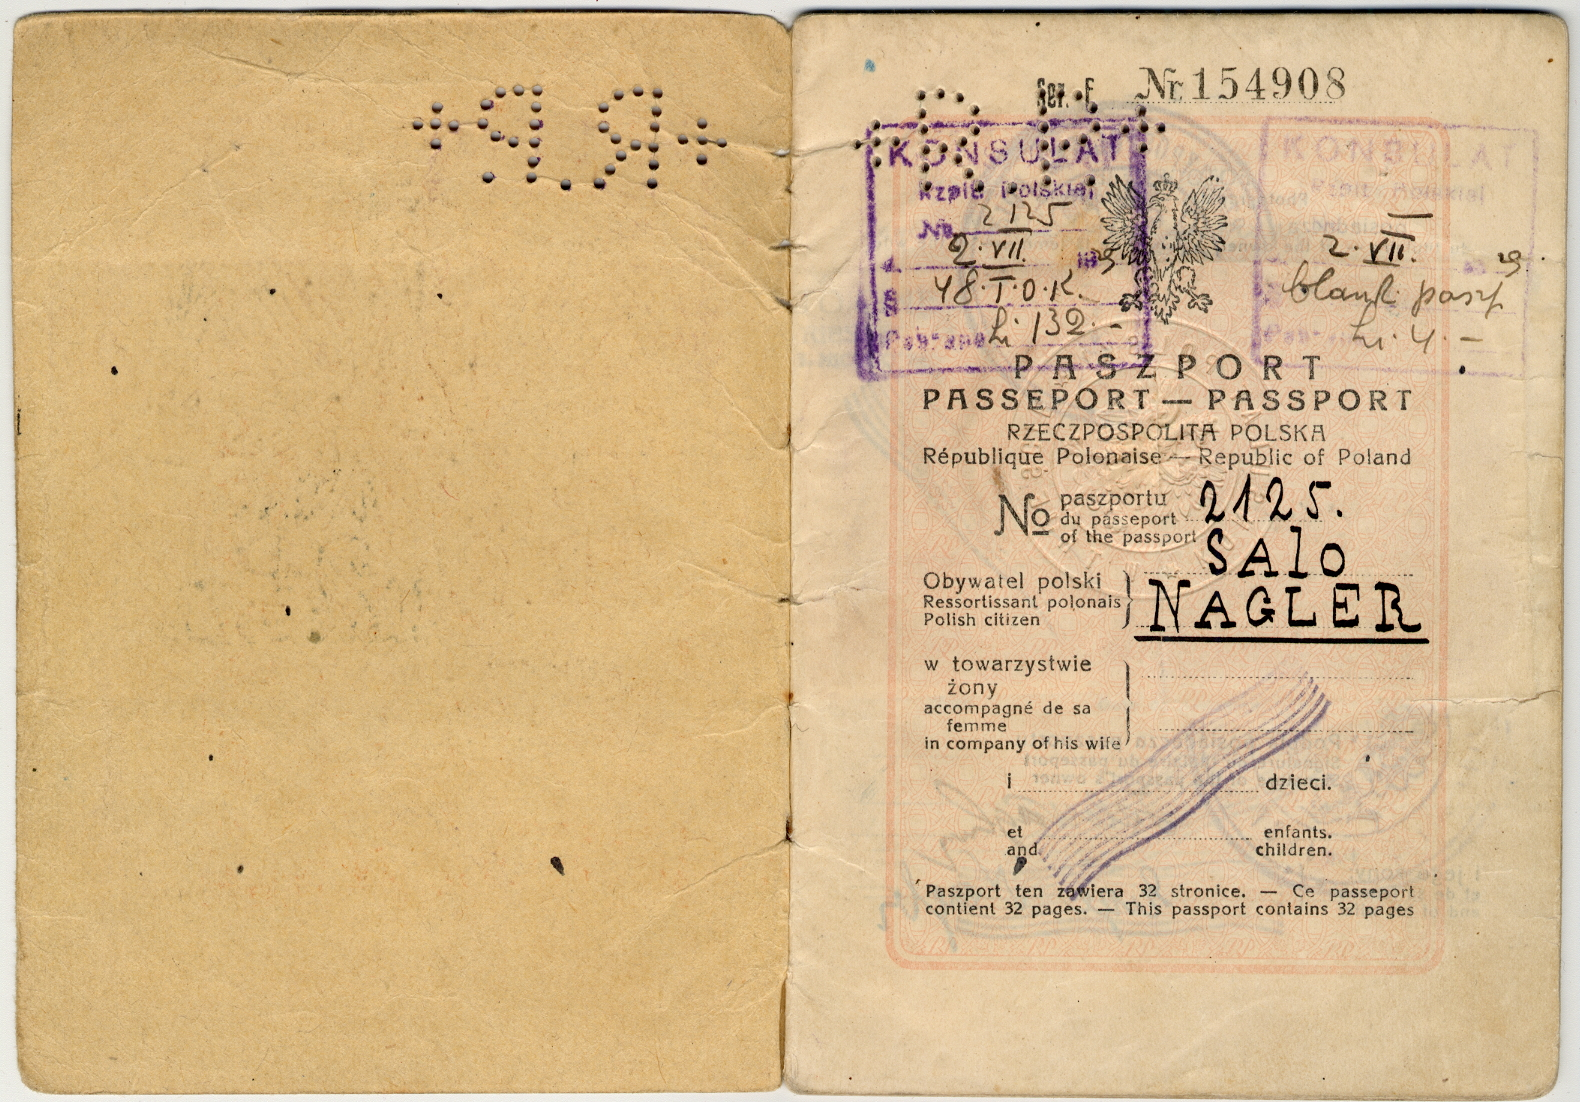 Passaporto polacco di Salo Nagler e Eige 1929 (pag. 1)